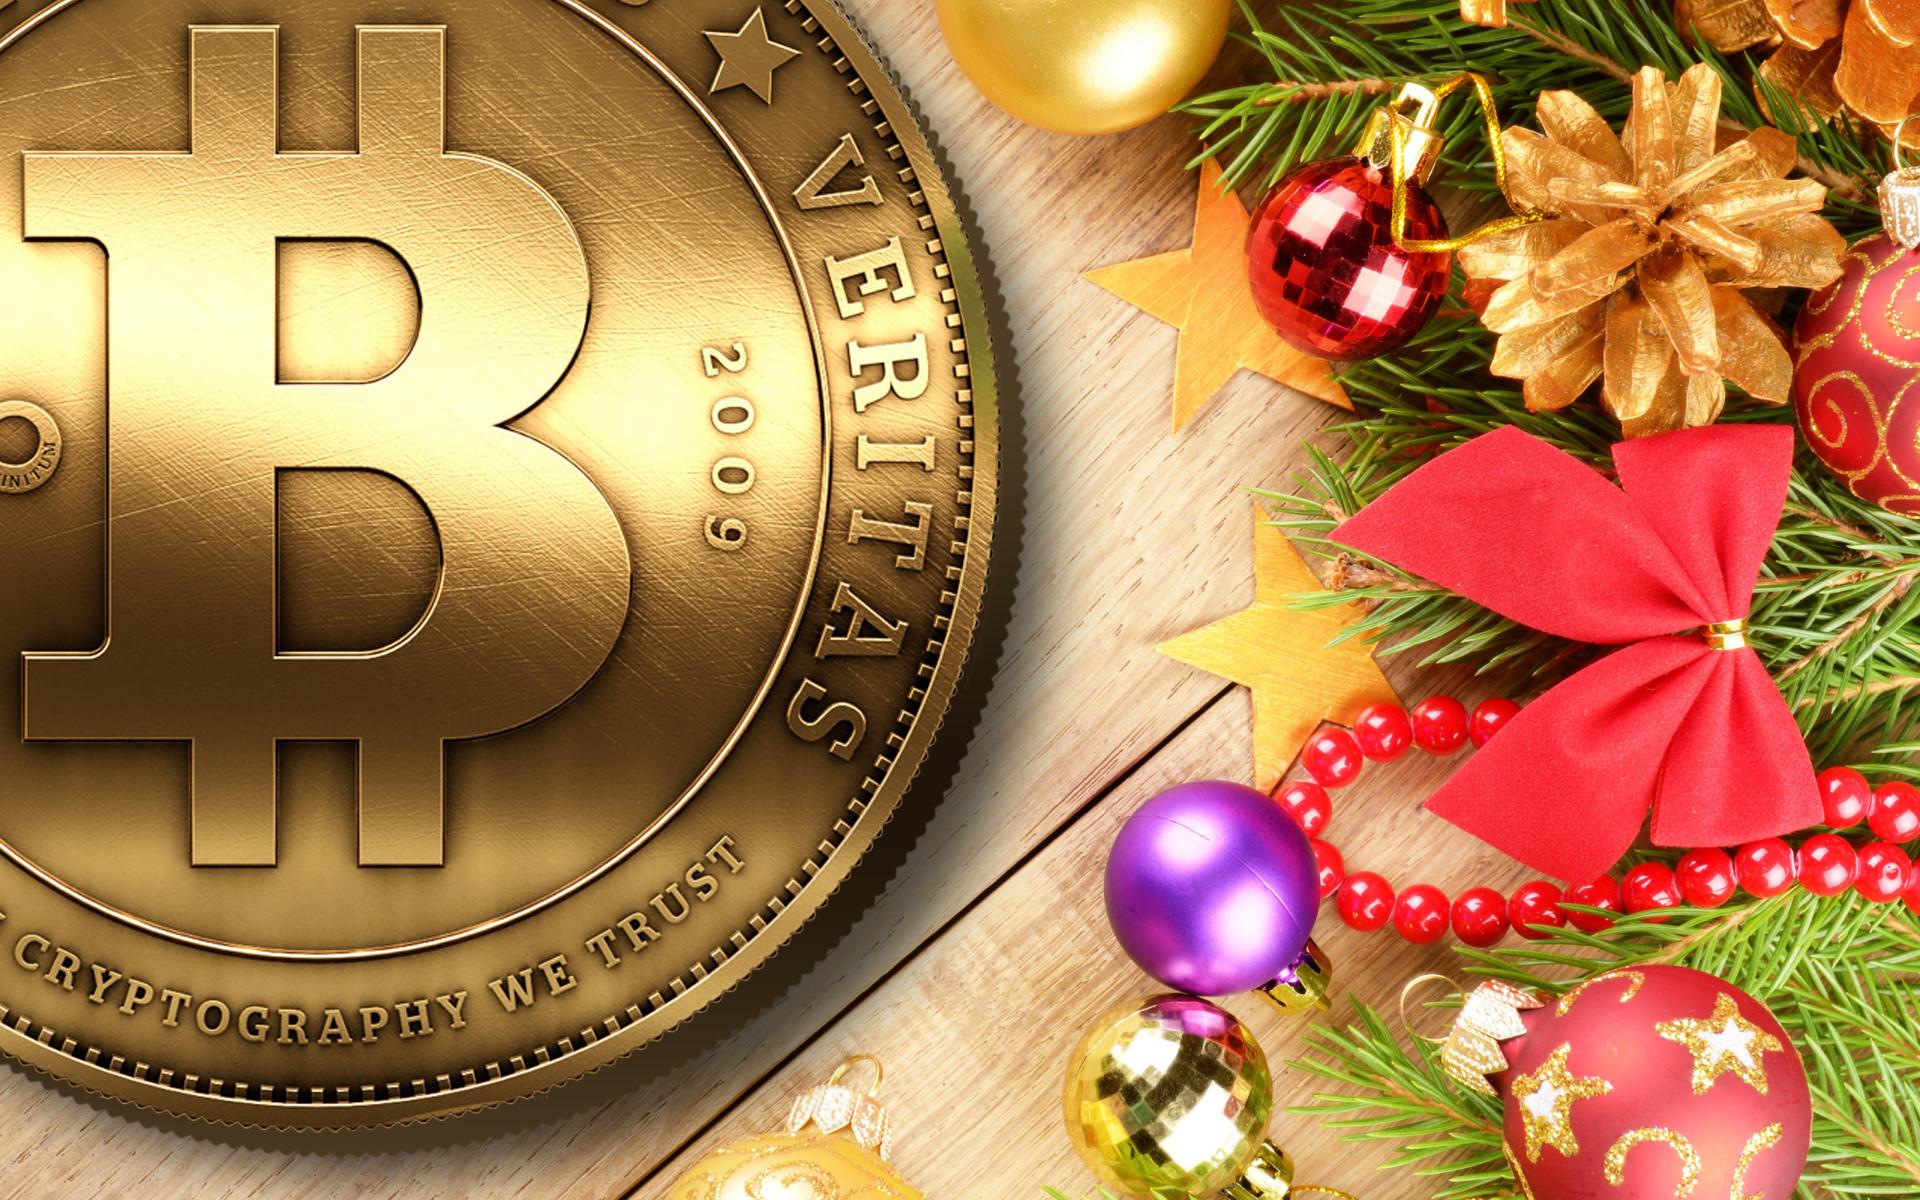 vásároljon bitcoint azonnal betéti kártyával a legjobb alkalmazás a bitcoin kereskedelemhez